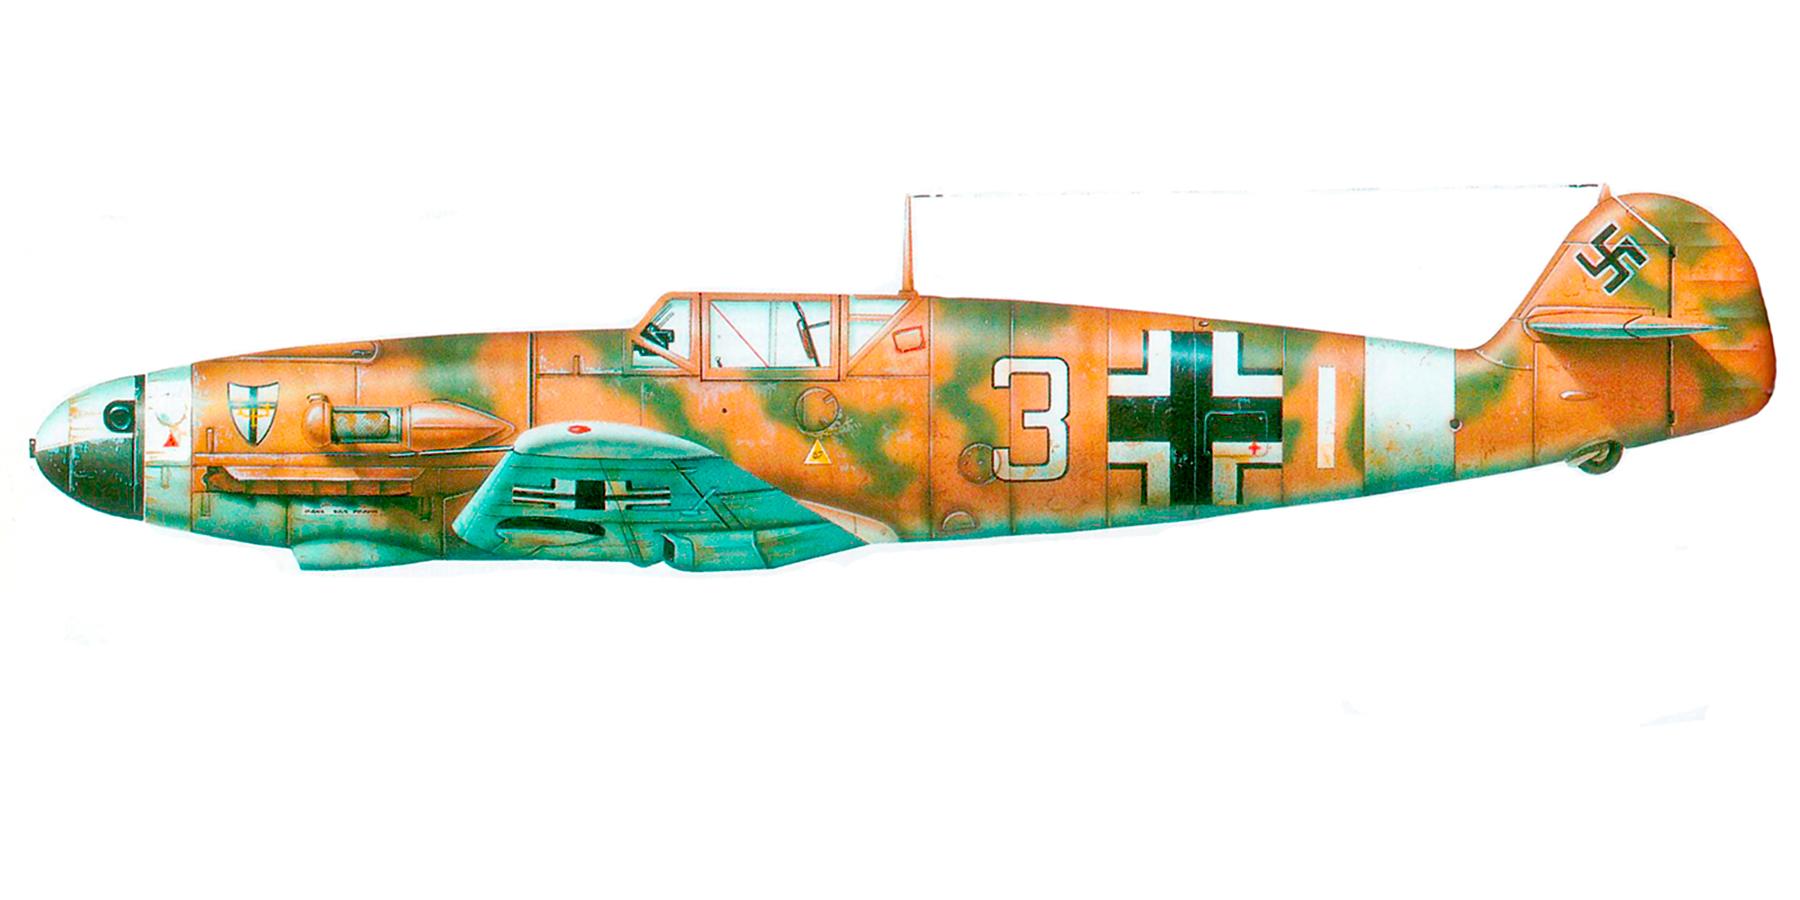 Messerschmitt Bf 109F4Trop 7.JG27 Whie 3 North Africa 1942 0A